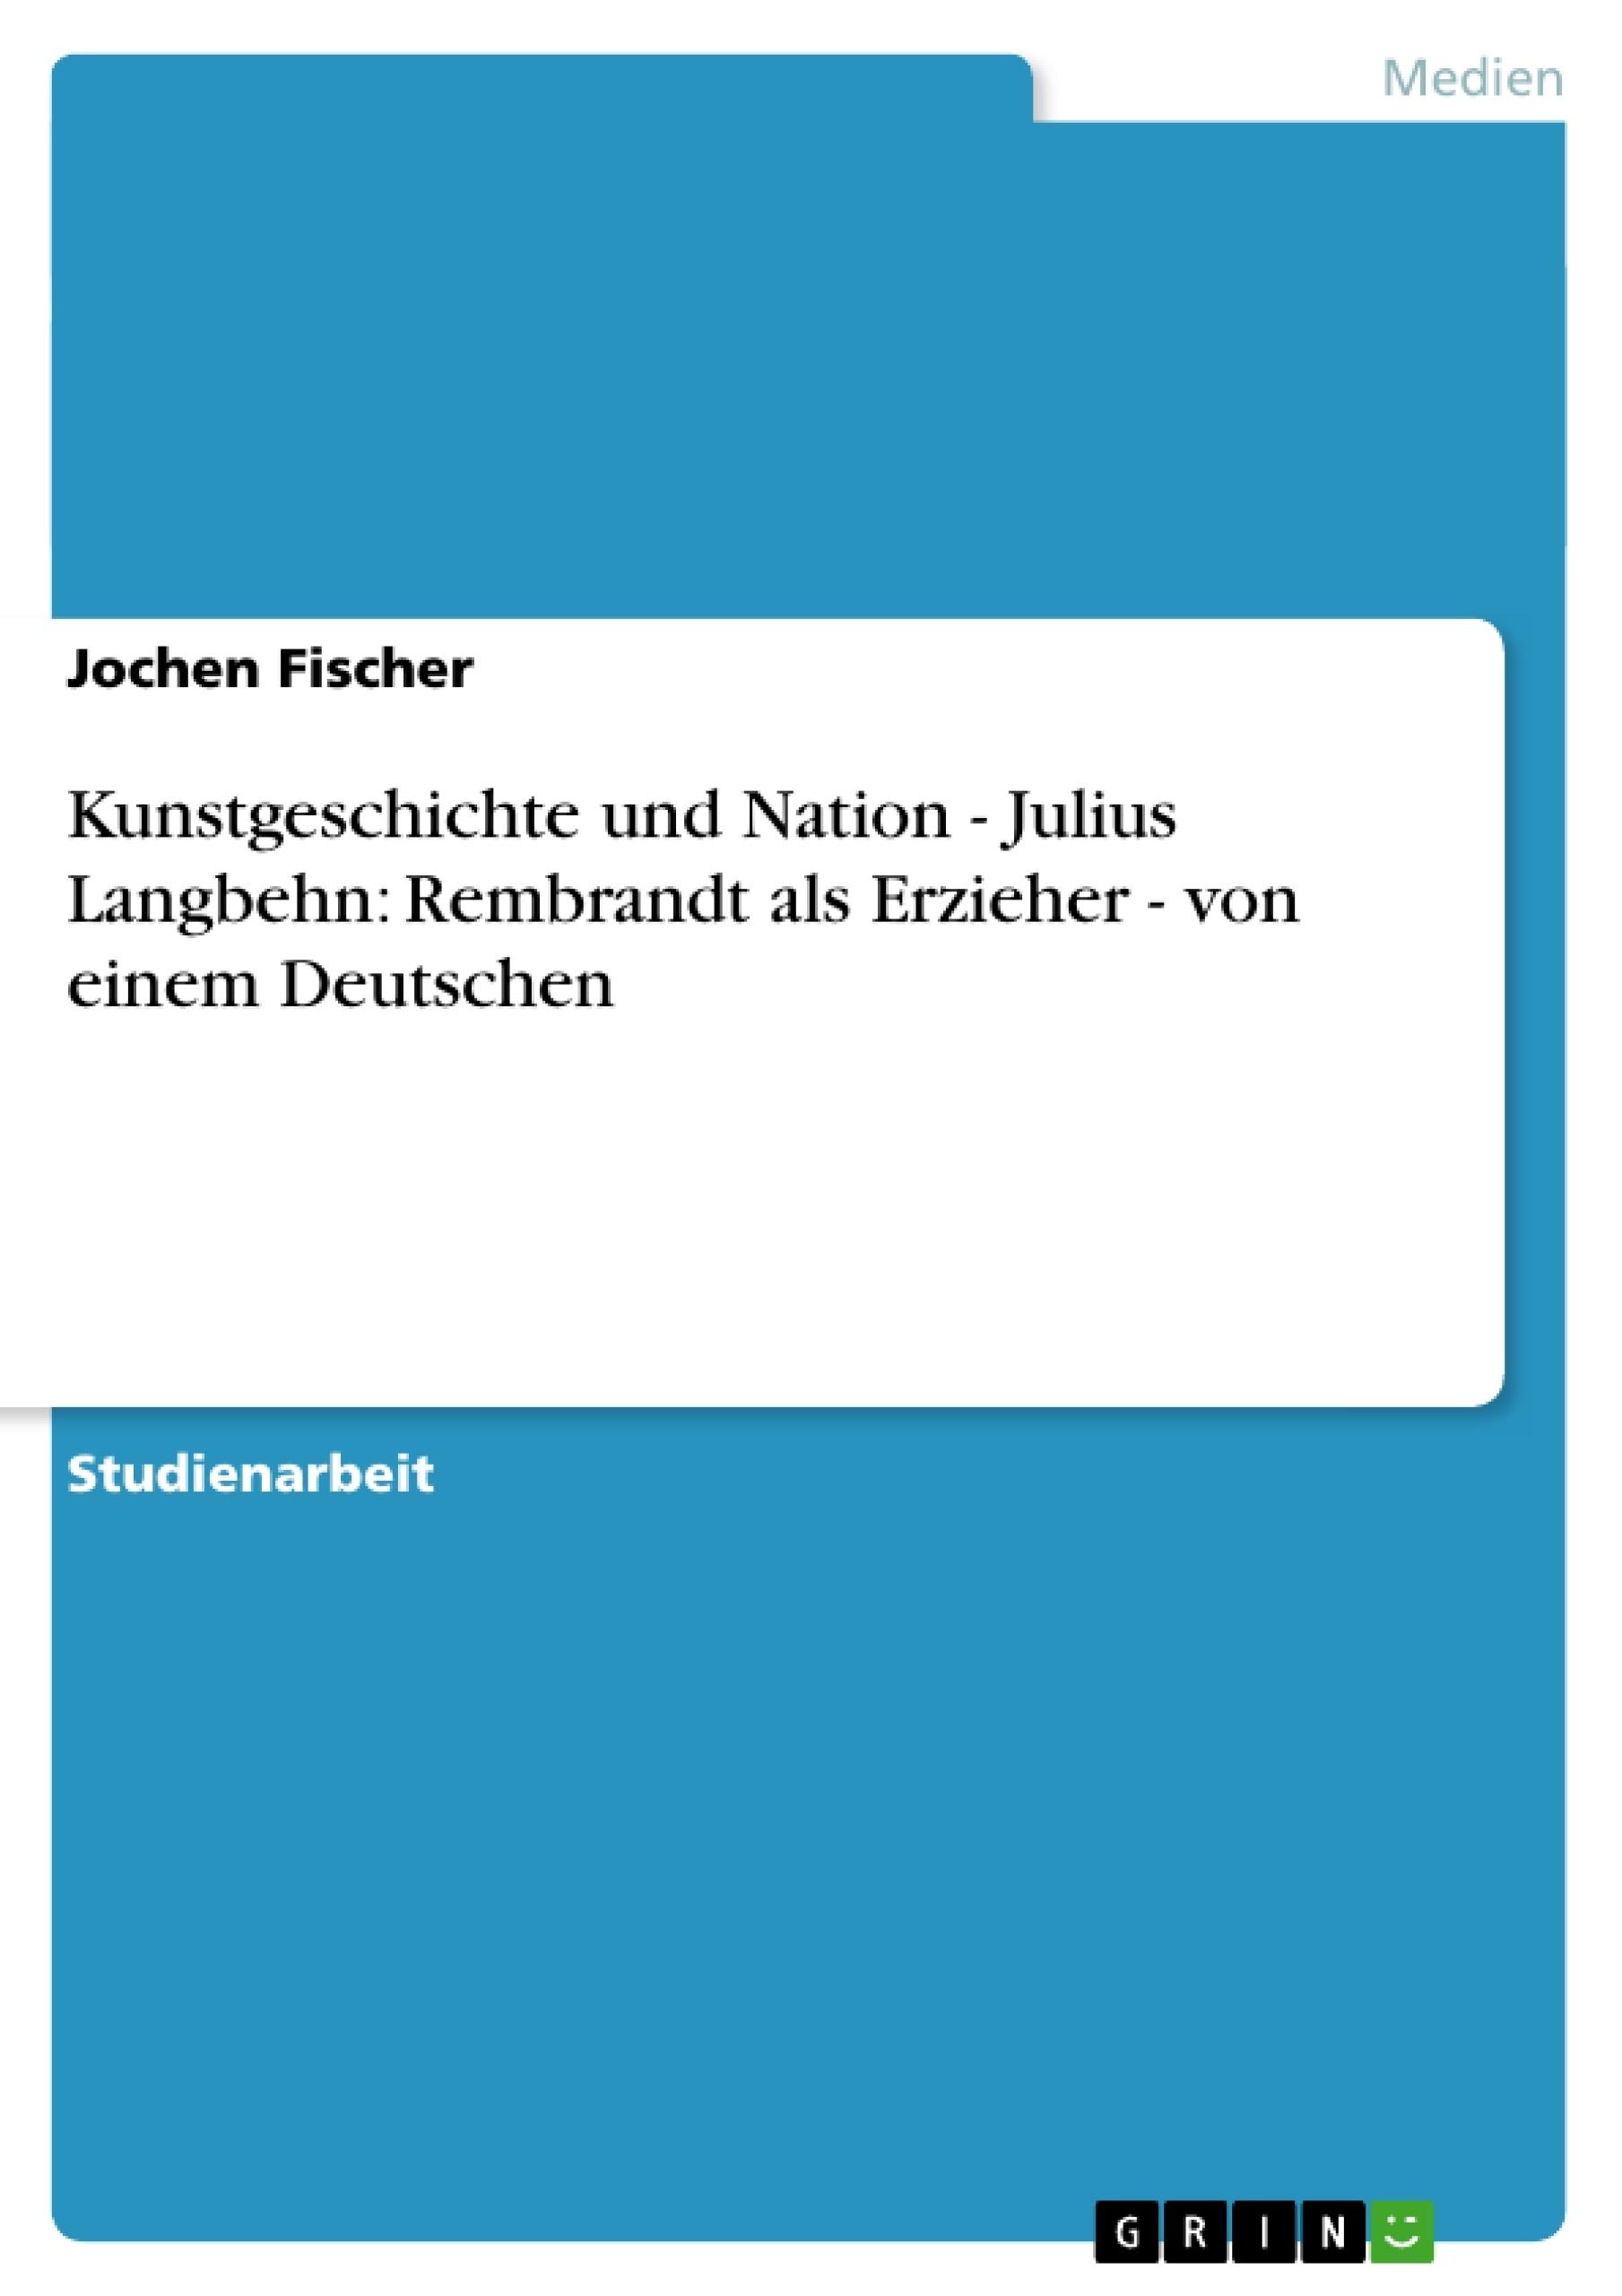 Titel: Kunstgeschichte und Nation - Julius Langbehn: Rembrandt als Erzieher - von einem Deutschen